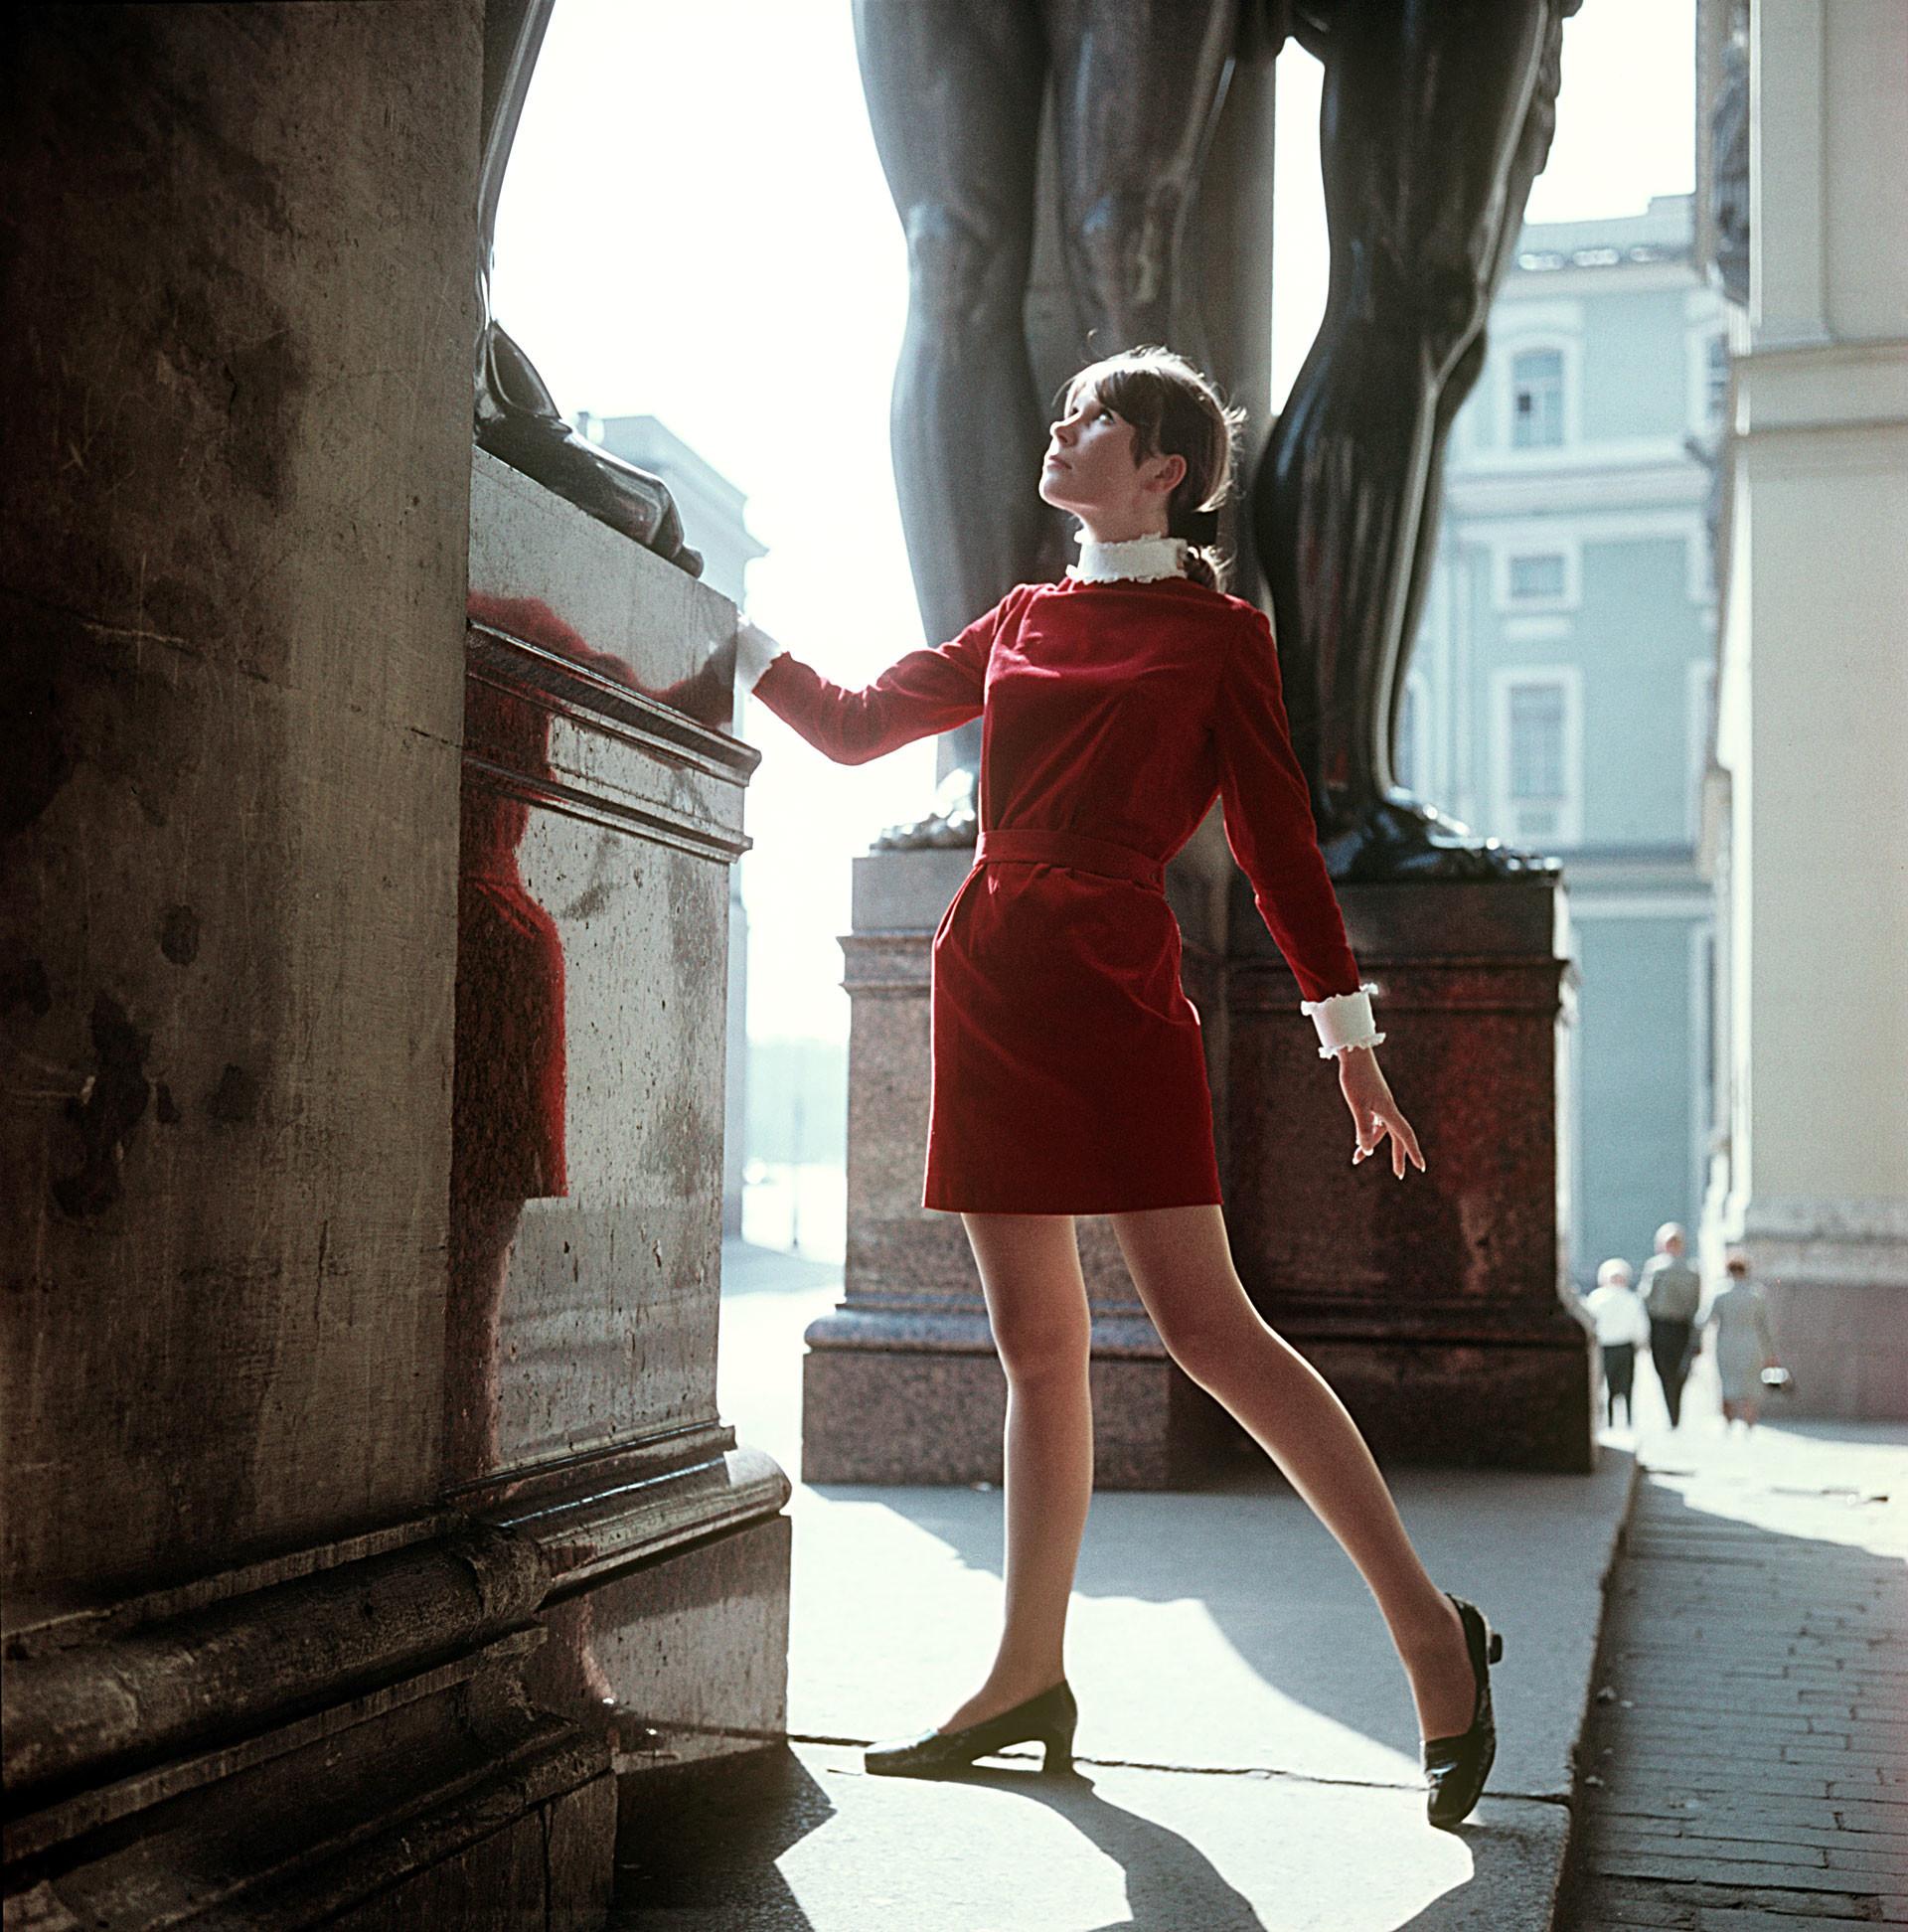 赤いベルヴェットの若者向けドレス 1969年